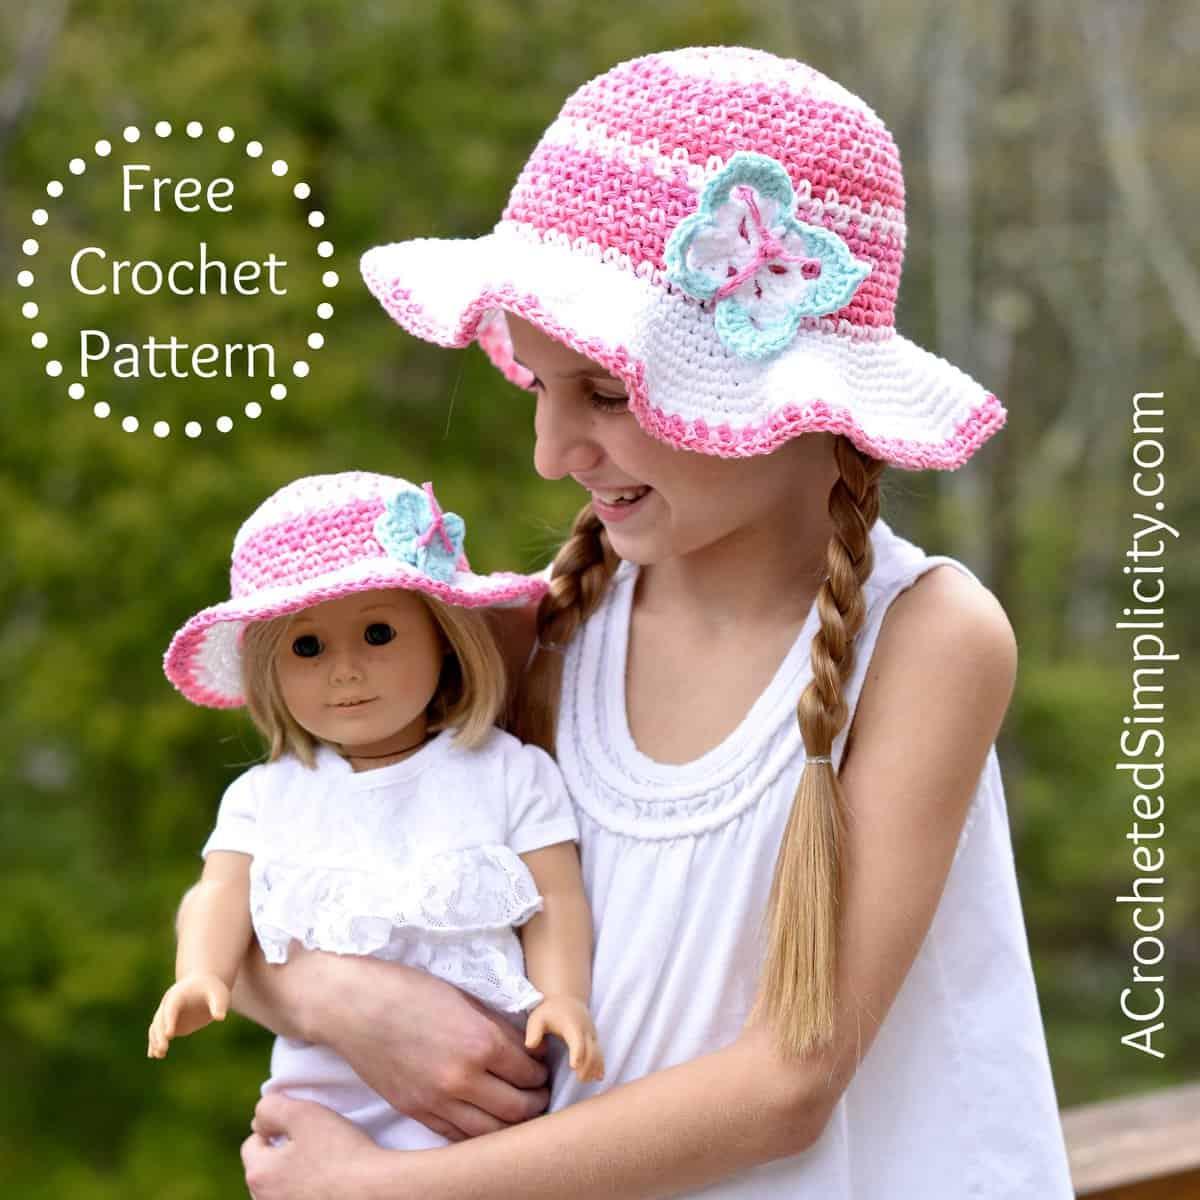 Free Crochet Pattern Kids Linen Stitch Sunhat A Crocheted Simplicity